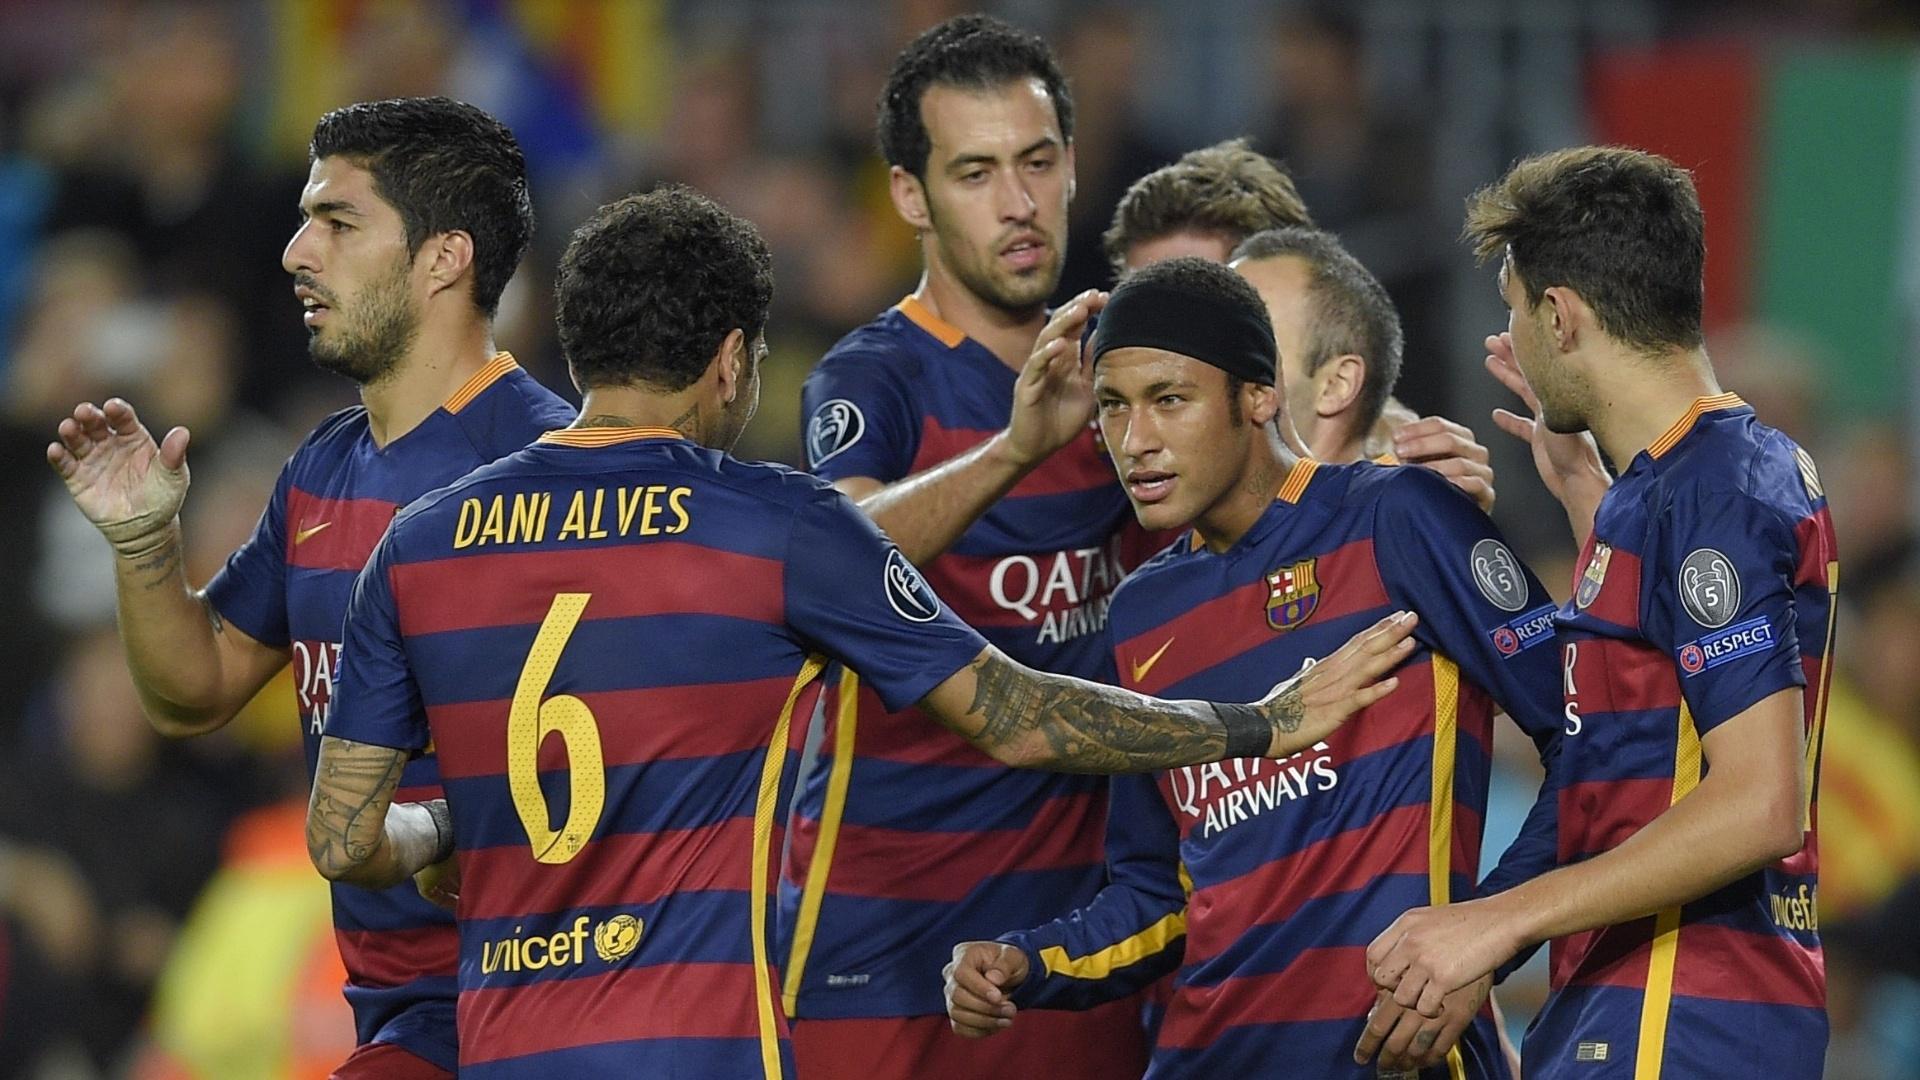 Neymar comeora gol marcado contra o BATE Borisov. Craque entrou em campo com uma faixa na cabeça